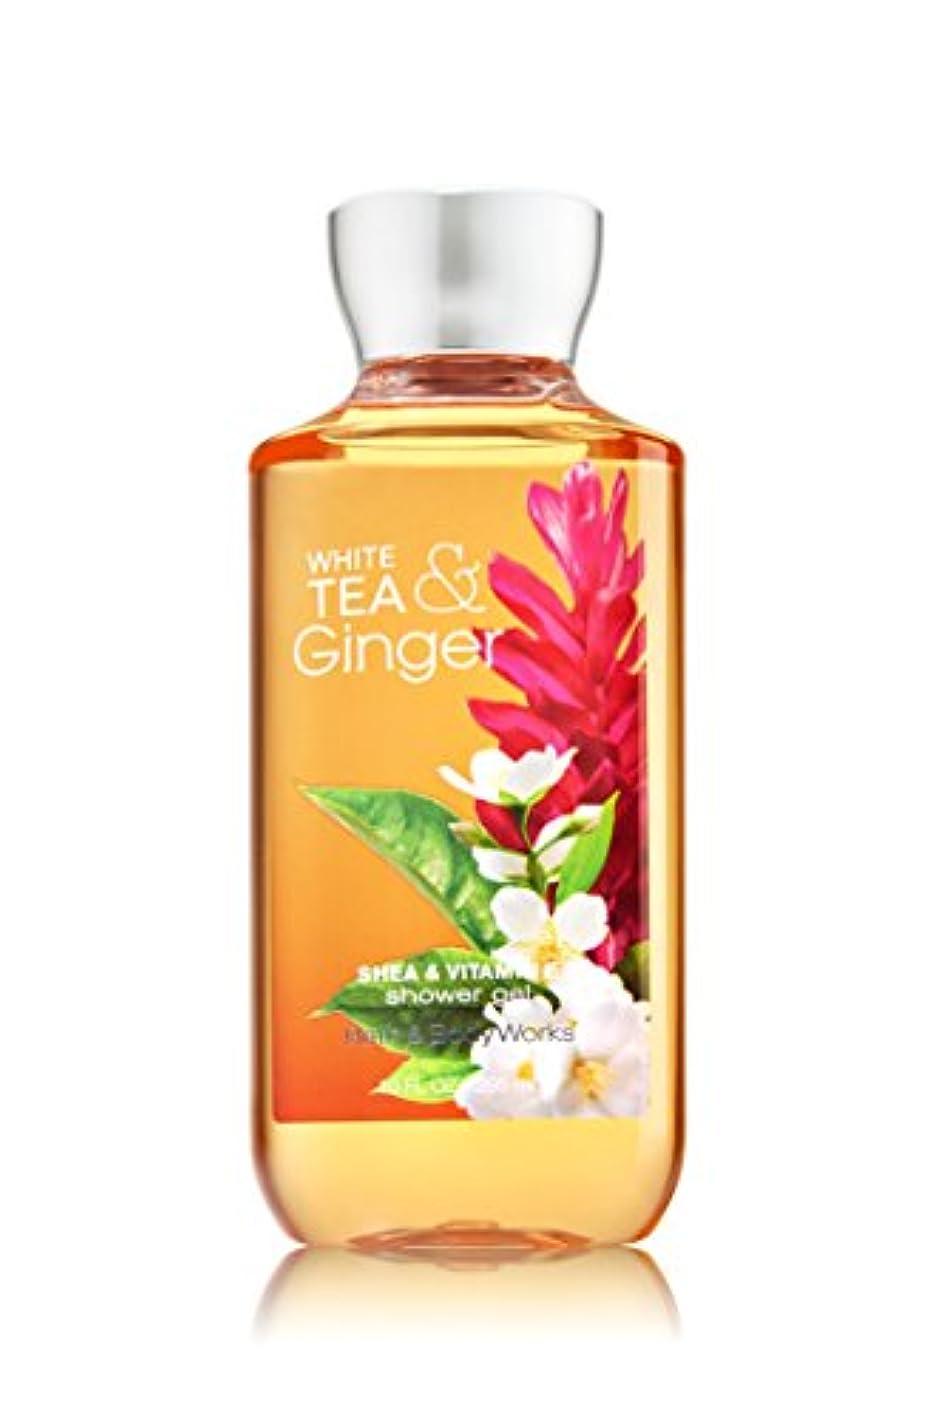 驚いたことに作家ボス【Bath&Body Works/バス&ボディワークス】 シャワージェル ホワイトティー&ジンジャー Shower Gel White Tea & Ginger 10 fl oz / 295 mL [並行輸入品]